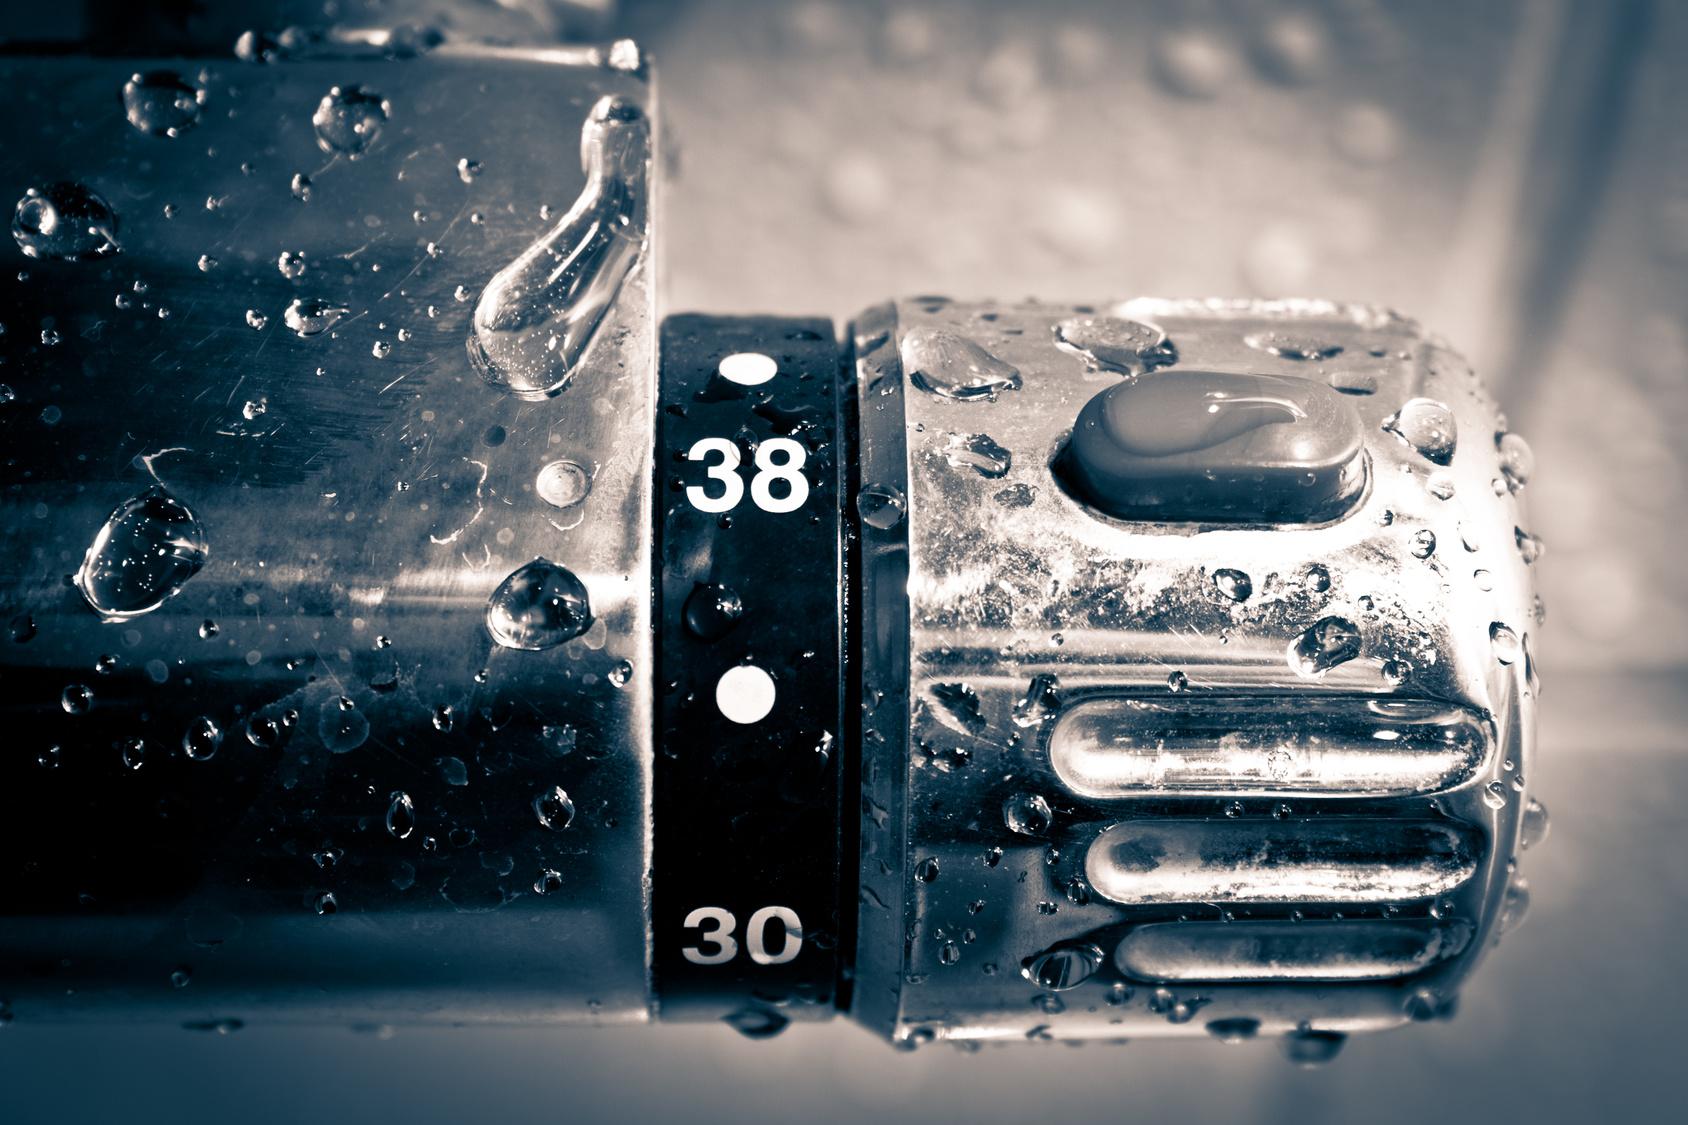 Se laver en conomisant l 39 eau - Comment regler robinet thermostatique ...